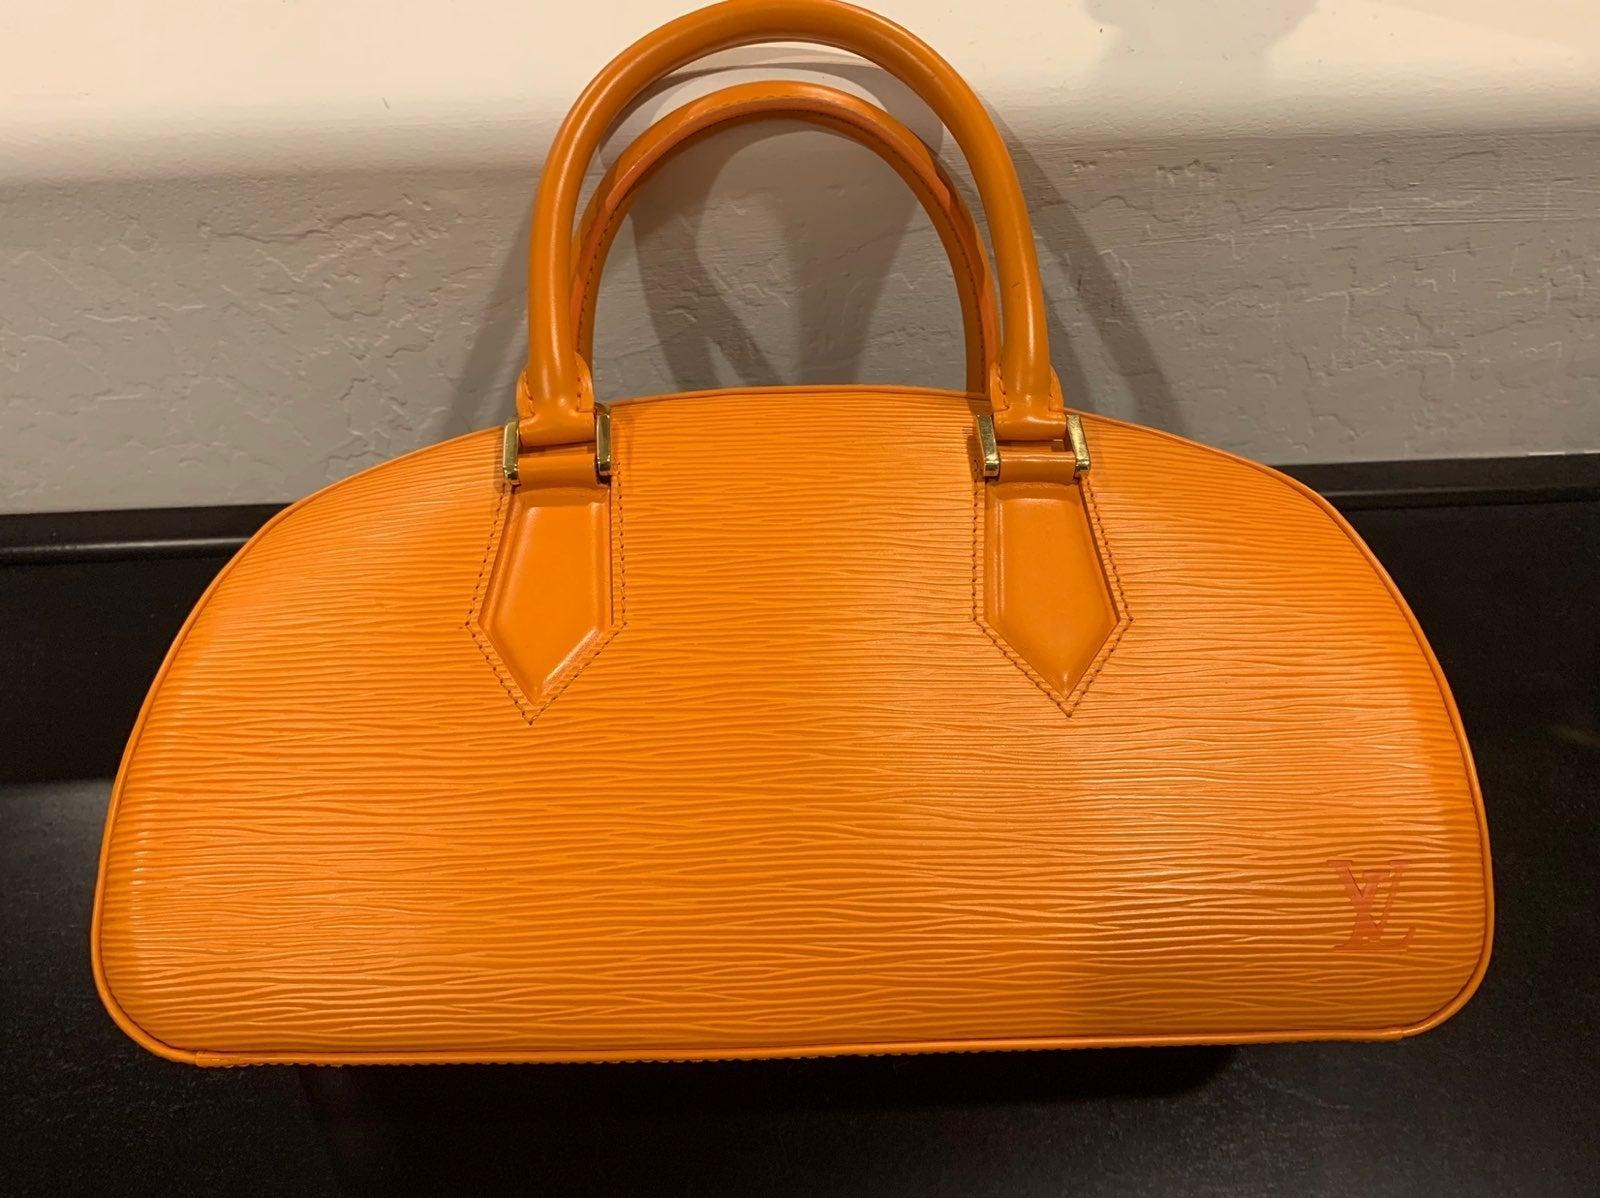 Authentic Louis Vuitton Jasmine Bag